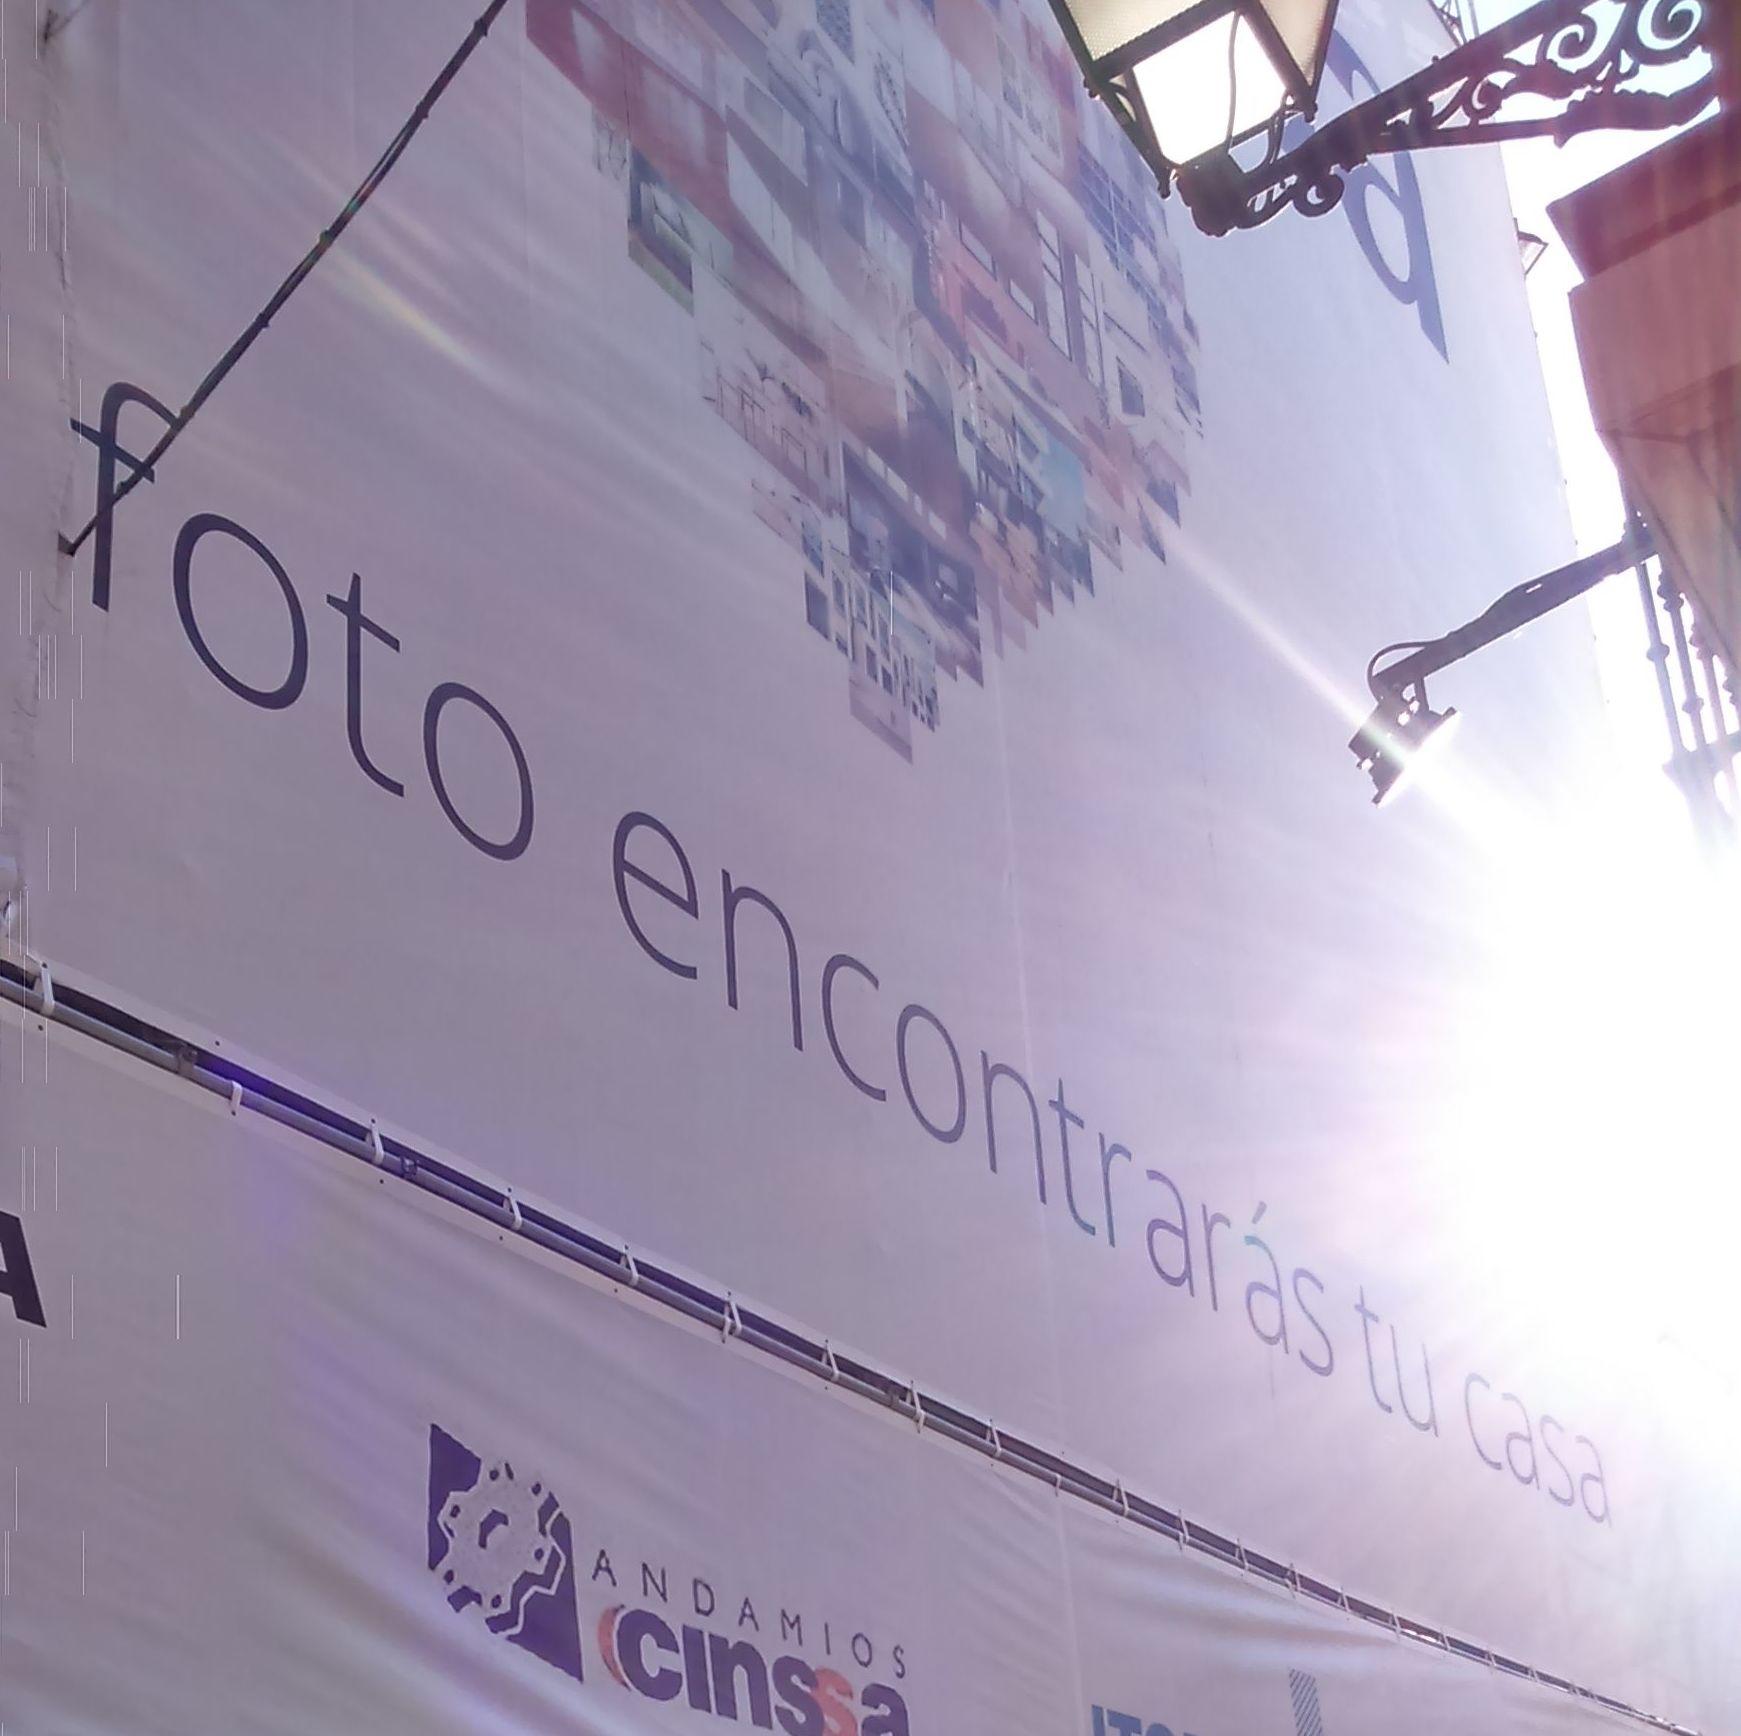 Foto 14 de Alquiler y montaje de andamios en Getafe | Andamios Cinssa